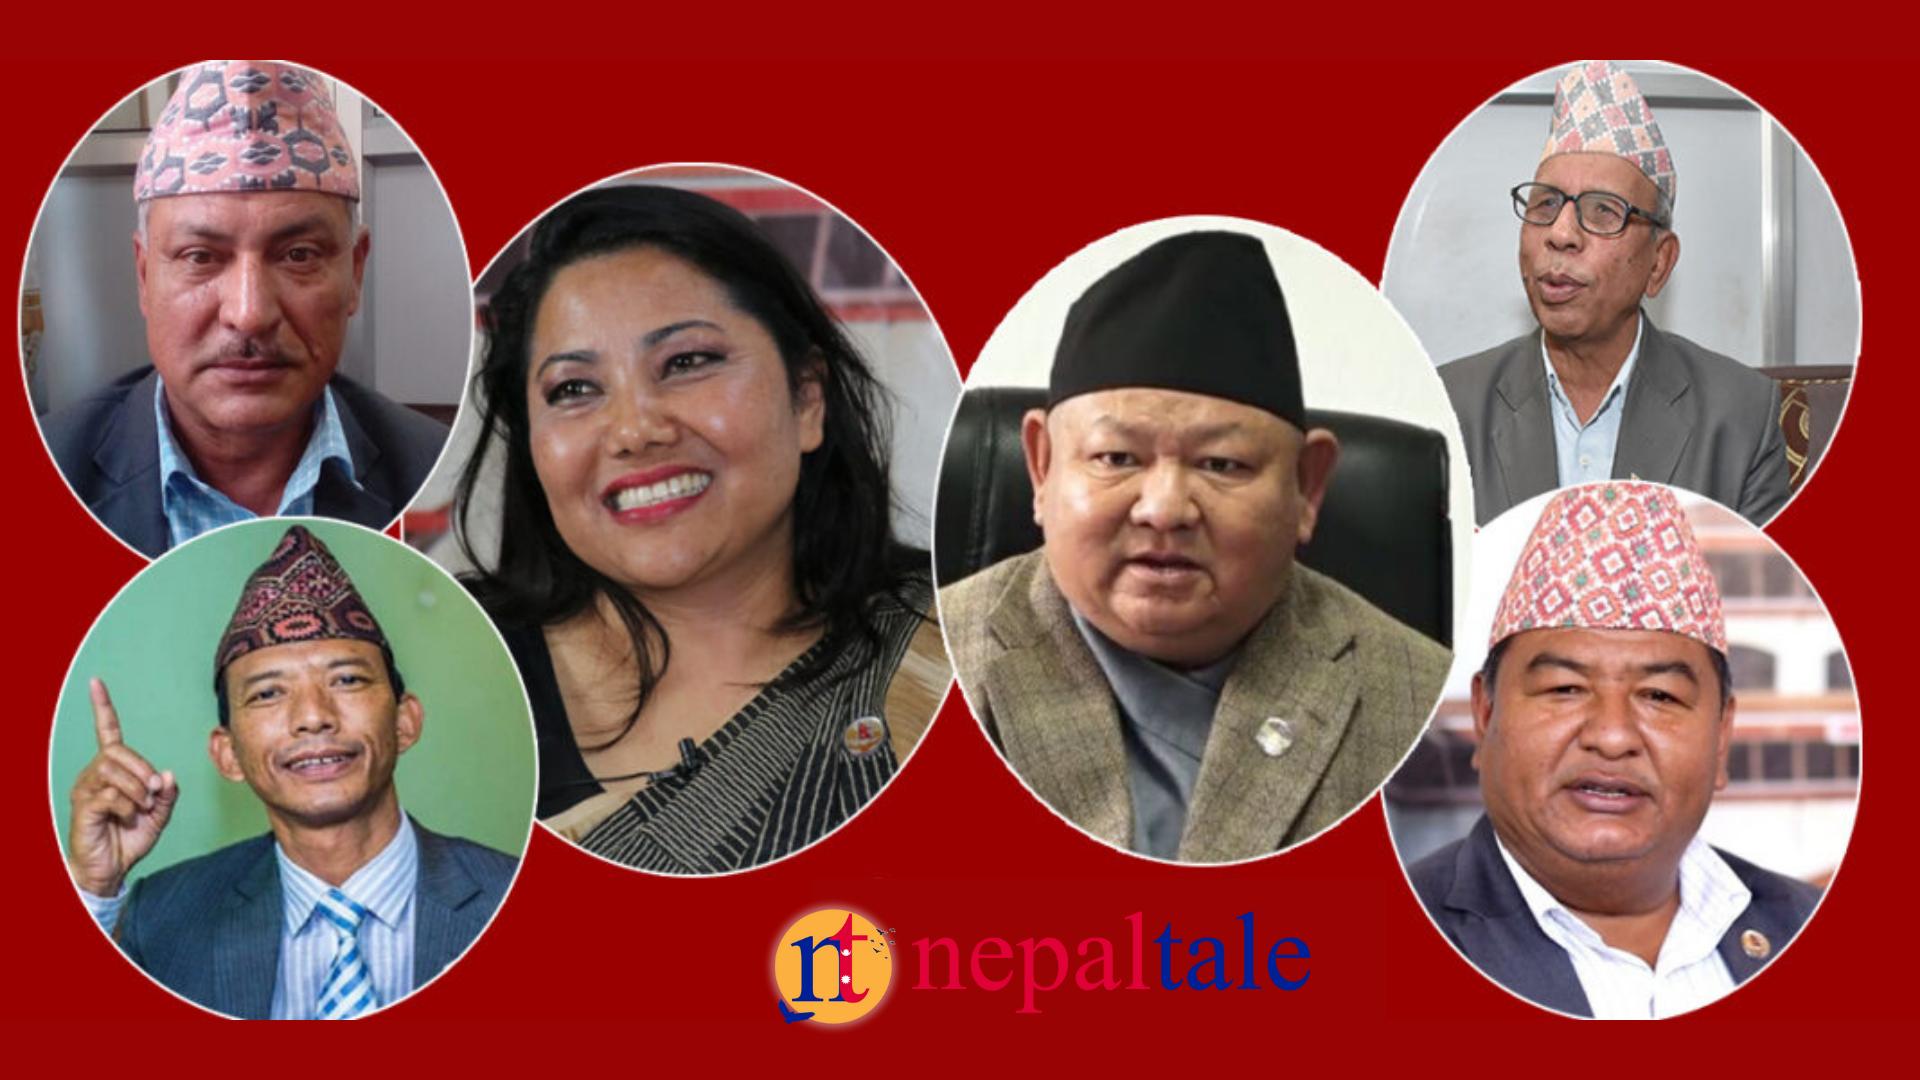 उपसभामुखसहित नेपाल पक्षलाई ५ मन्त्रालय : उपसभामुखमा झाँक्री, को-को बन्दै छन् मन्त्री ?